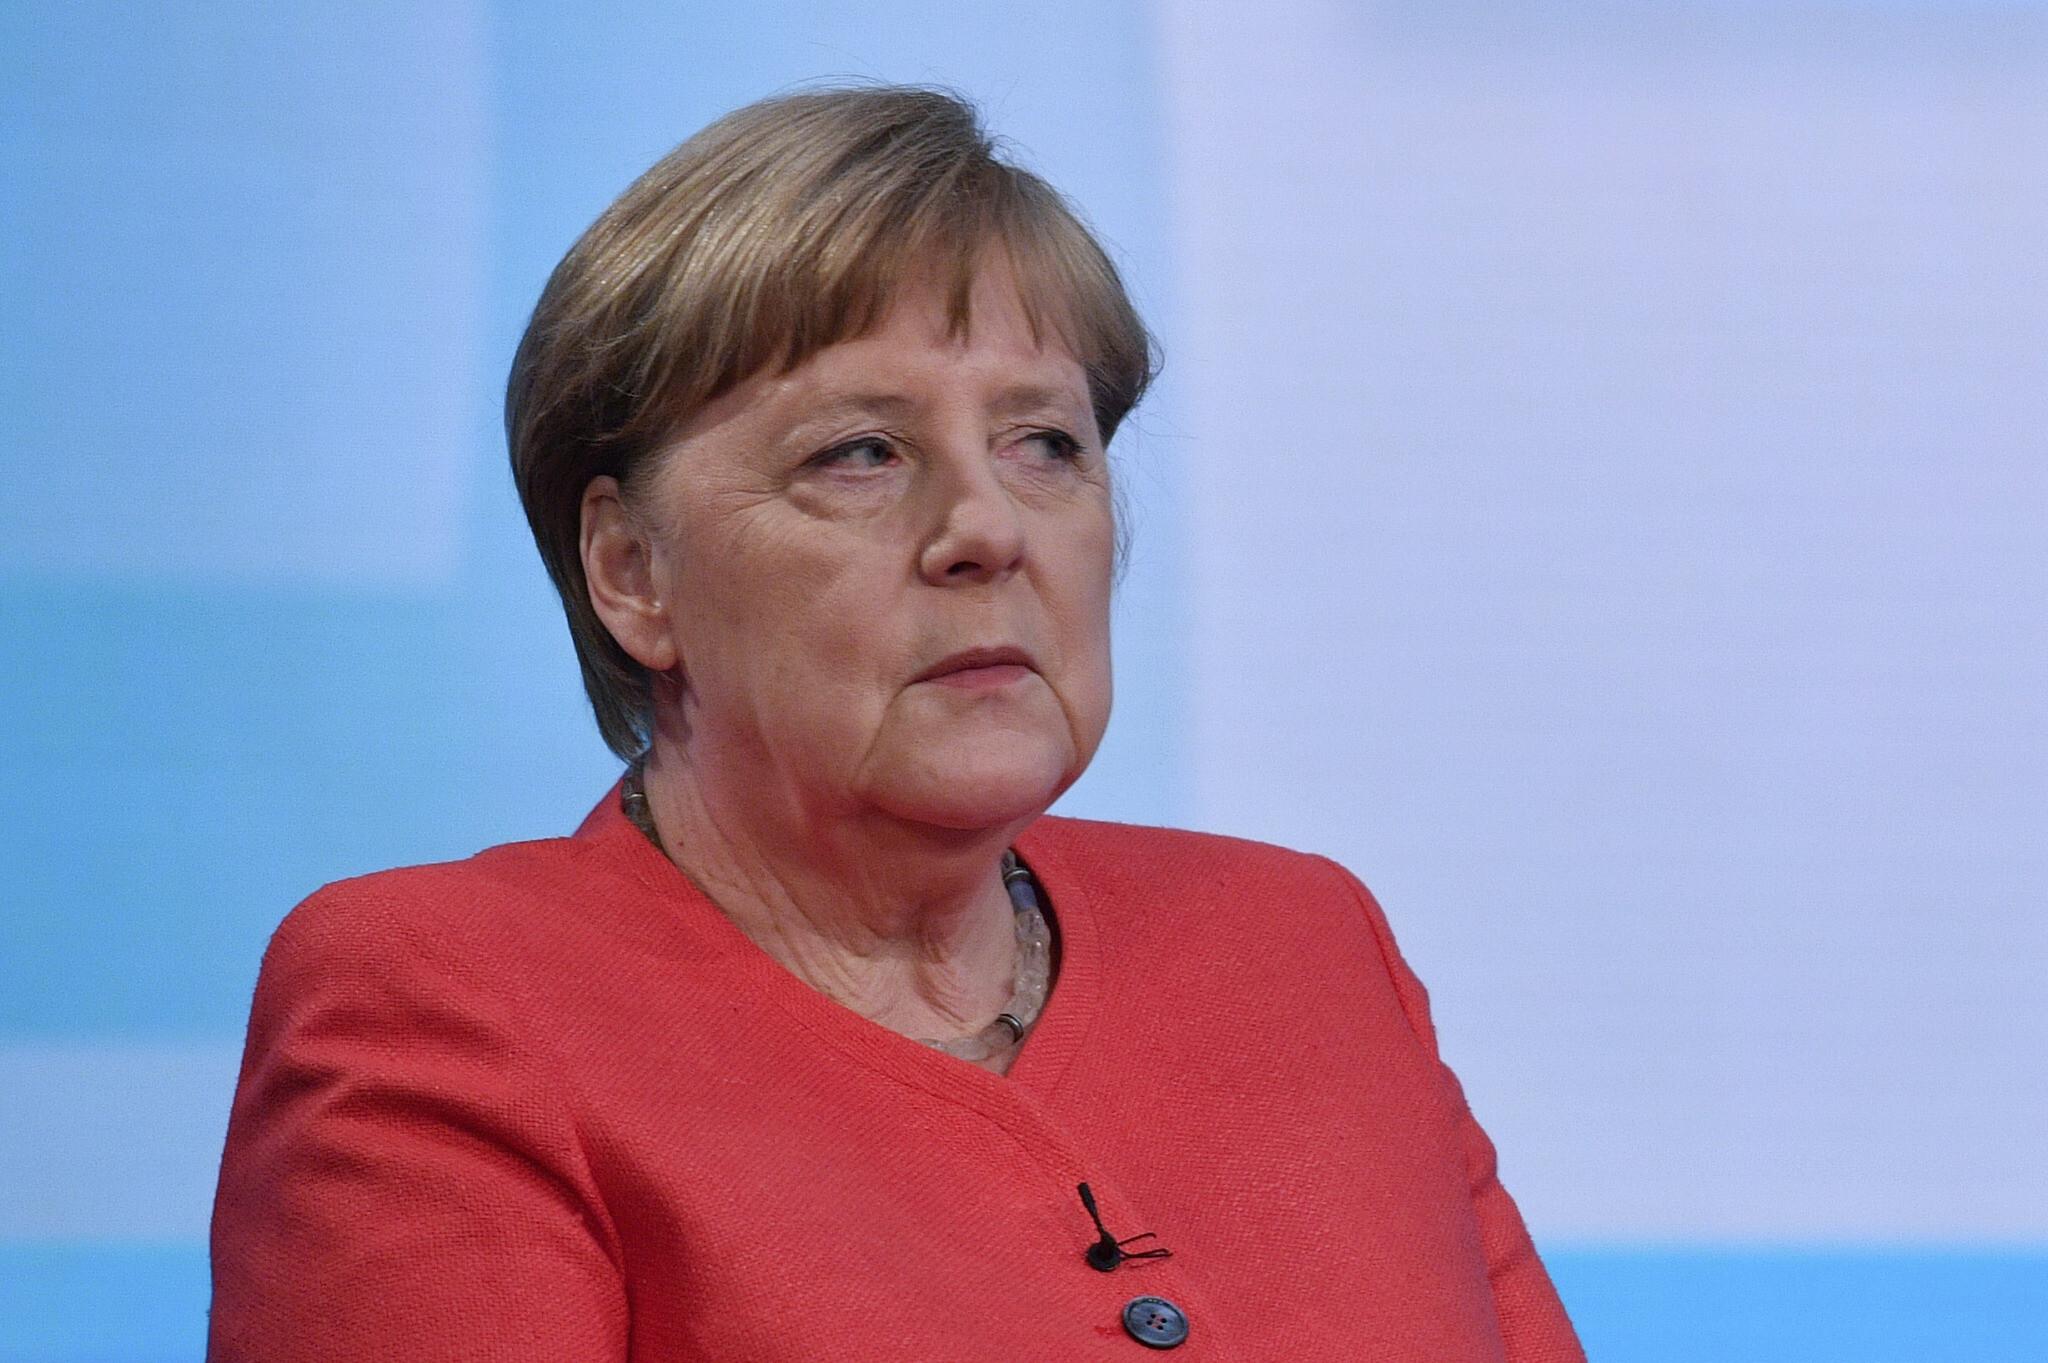 Germany's Merkel condemns racist 'murder' of George Floyd | The Times of  Israel